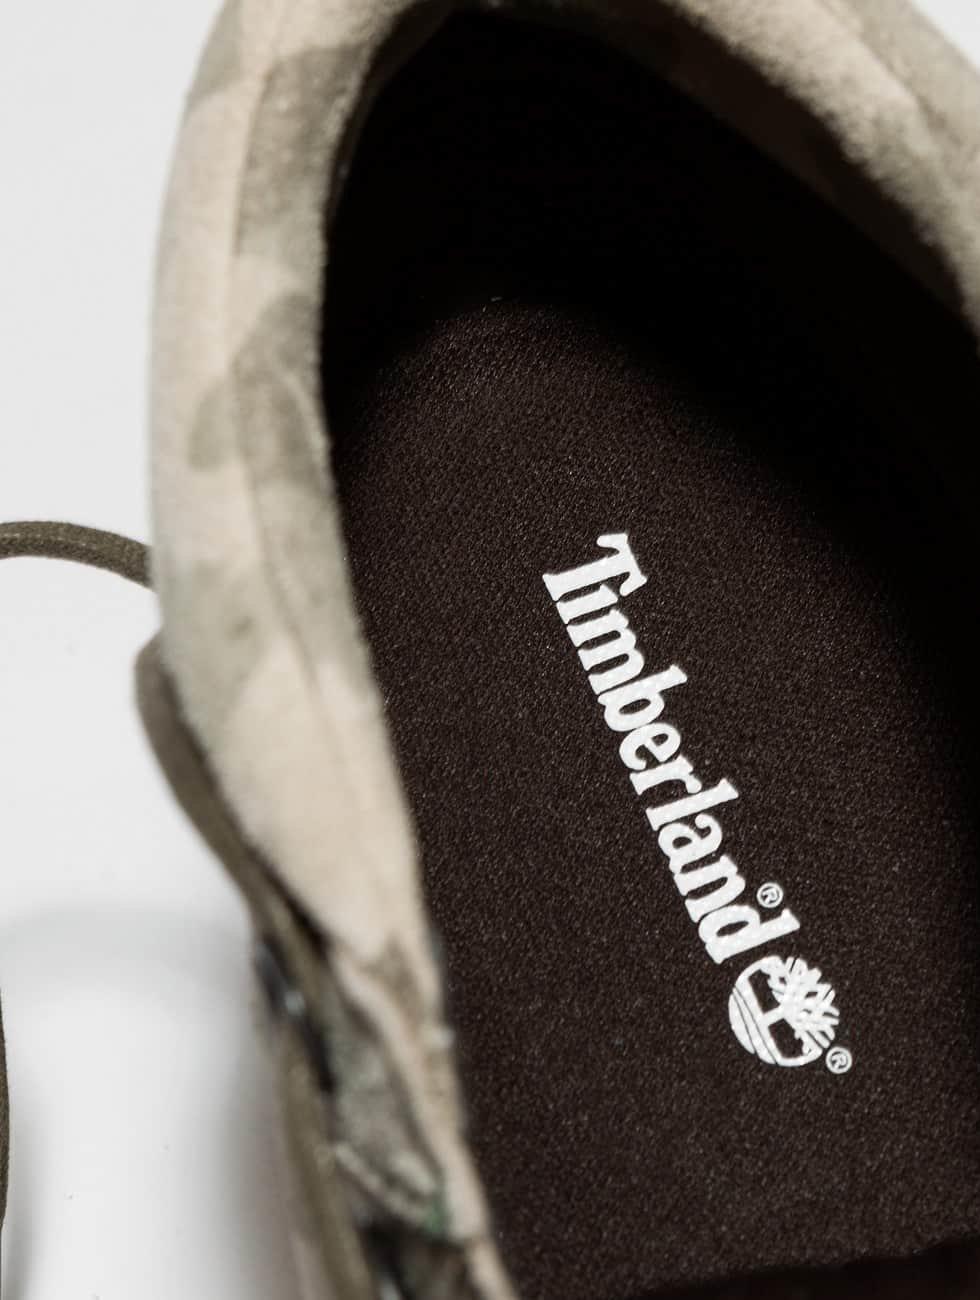 Nieuwe Mode Stijl Van Footaction Goedkope Online Timberland schoen / sneaker Adventure 2.0 Alpine Chukka in camouflage 423189 Goedkope Koop Lage Prijs Topkwaliteit Online Te Koop Met Credit Card Te Koop QbSMpsIpnu